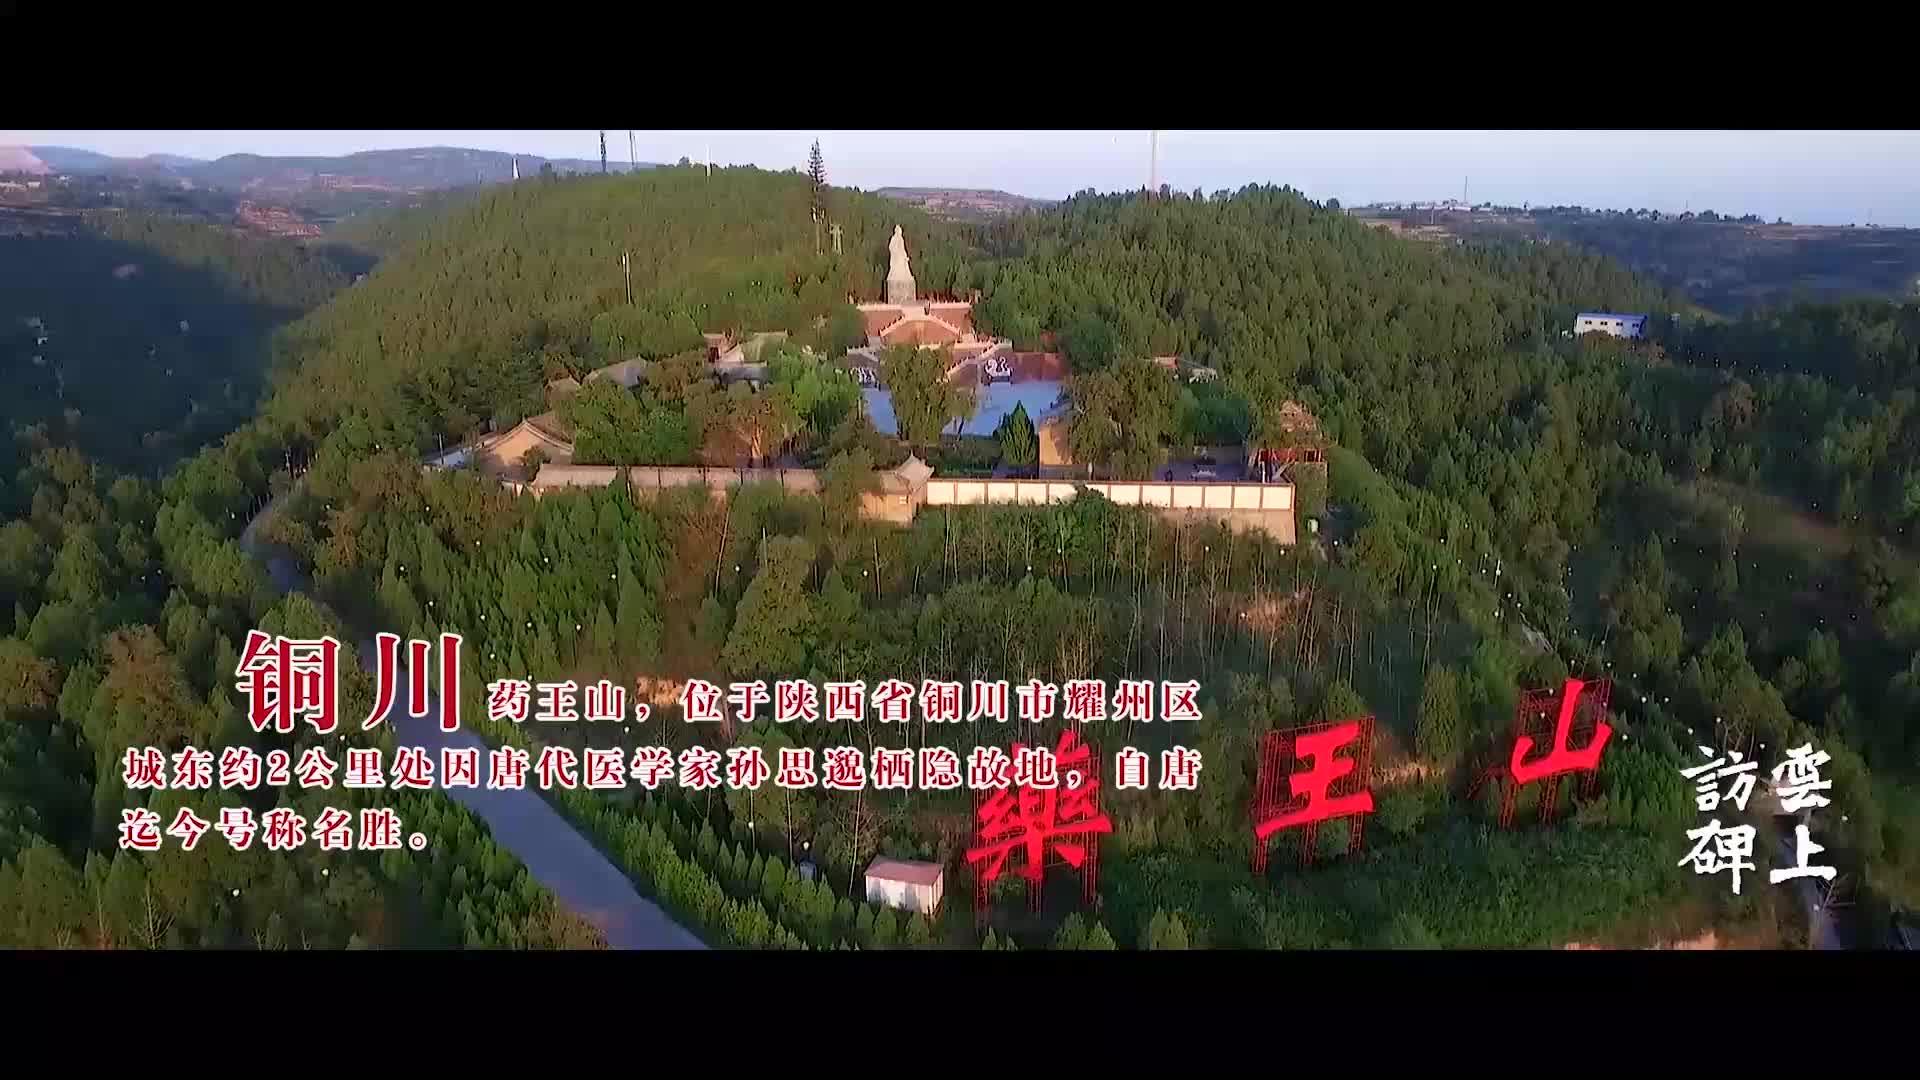 书法记录系列节目访碑云上第3期铜川药王山博物馆